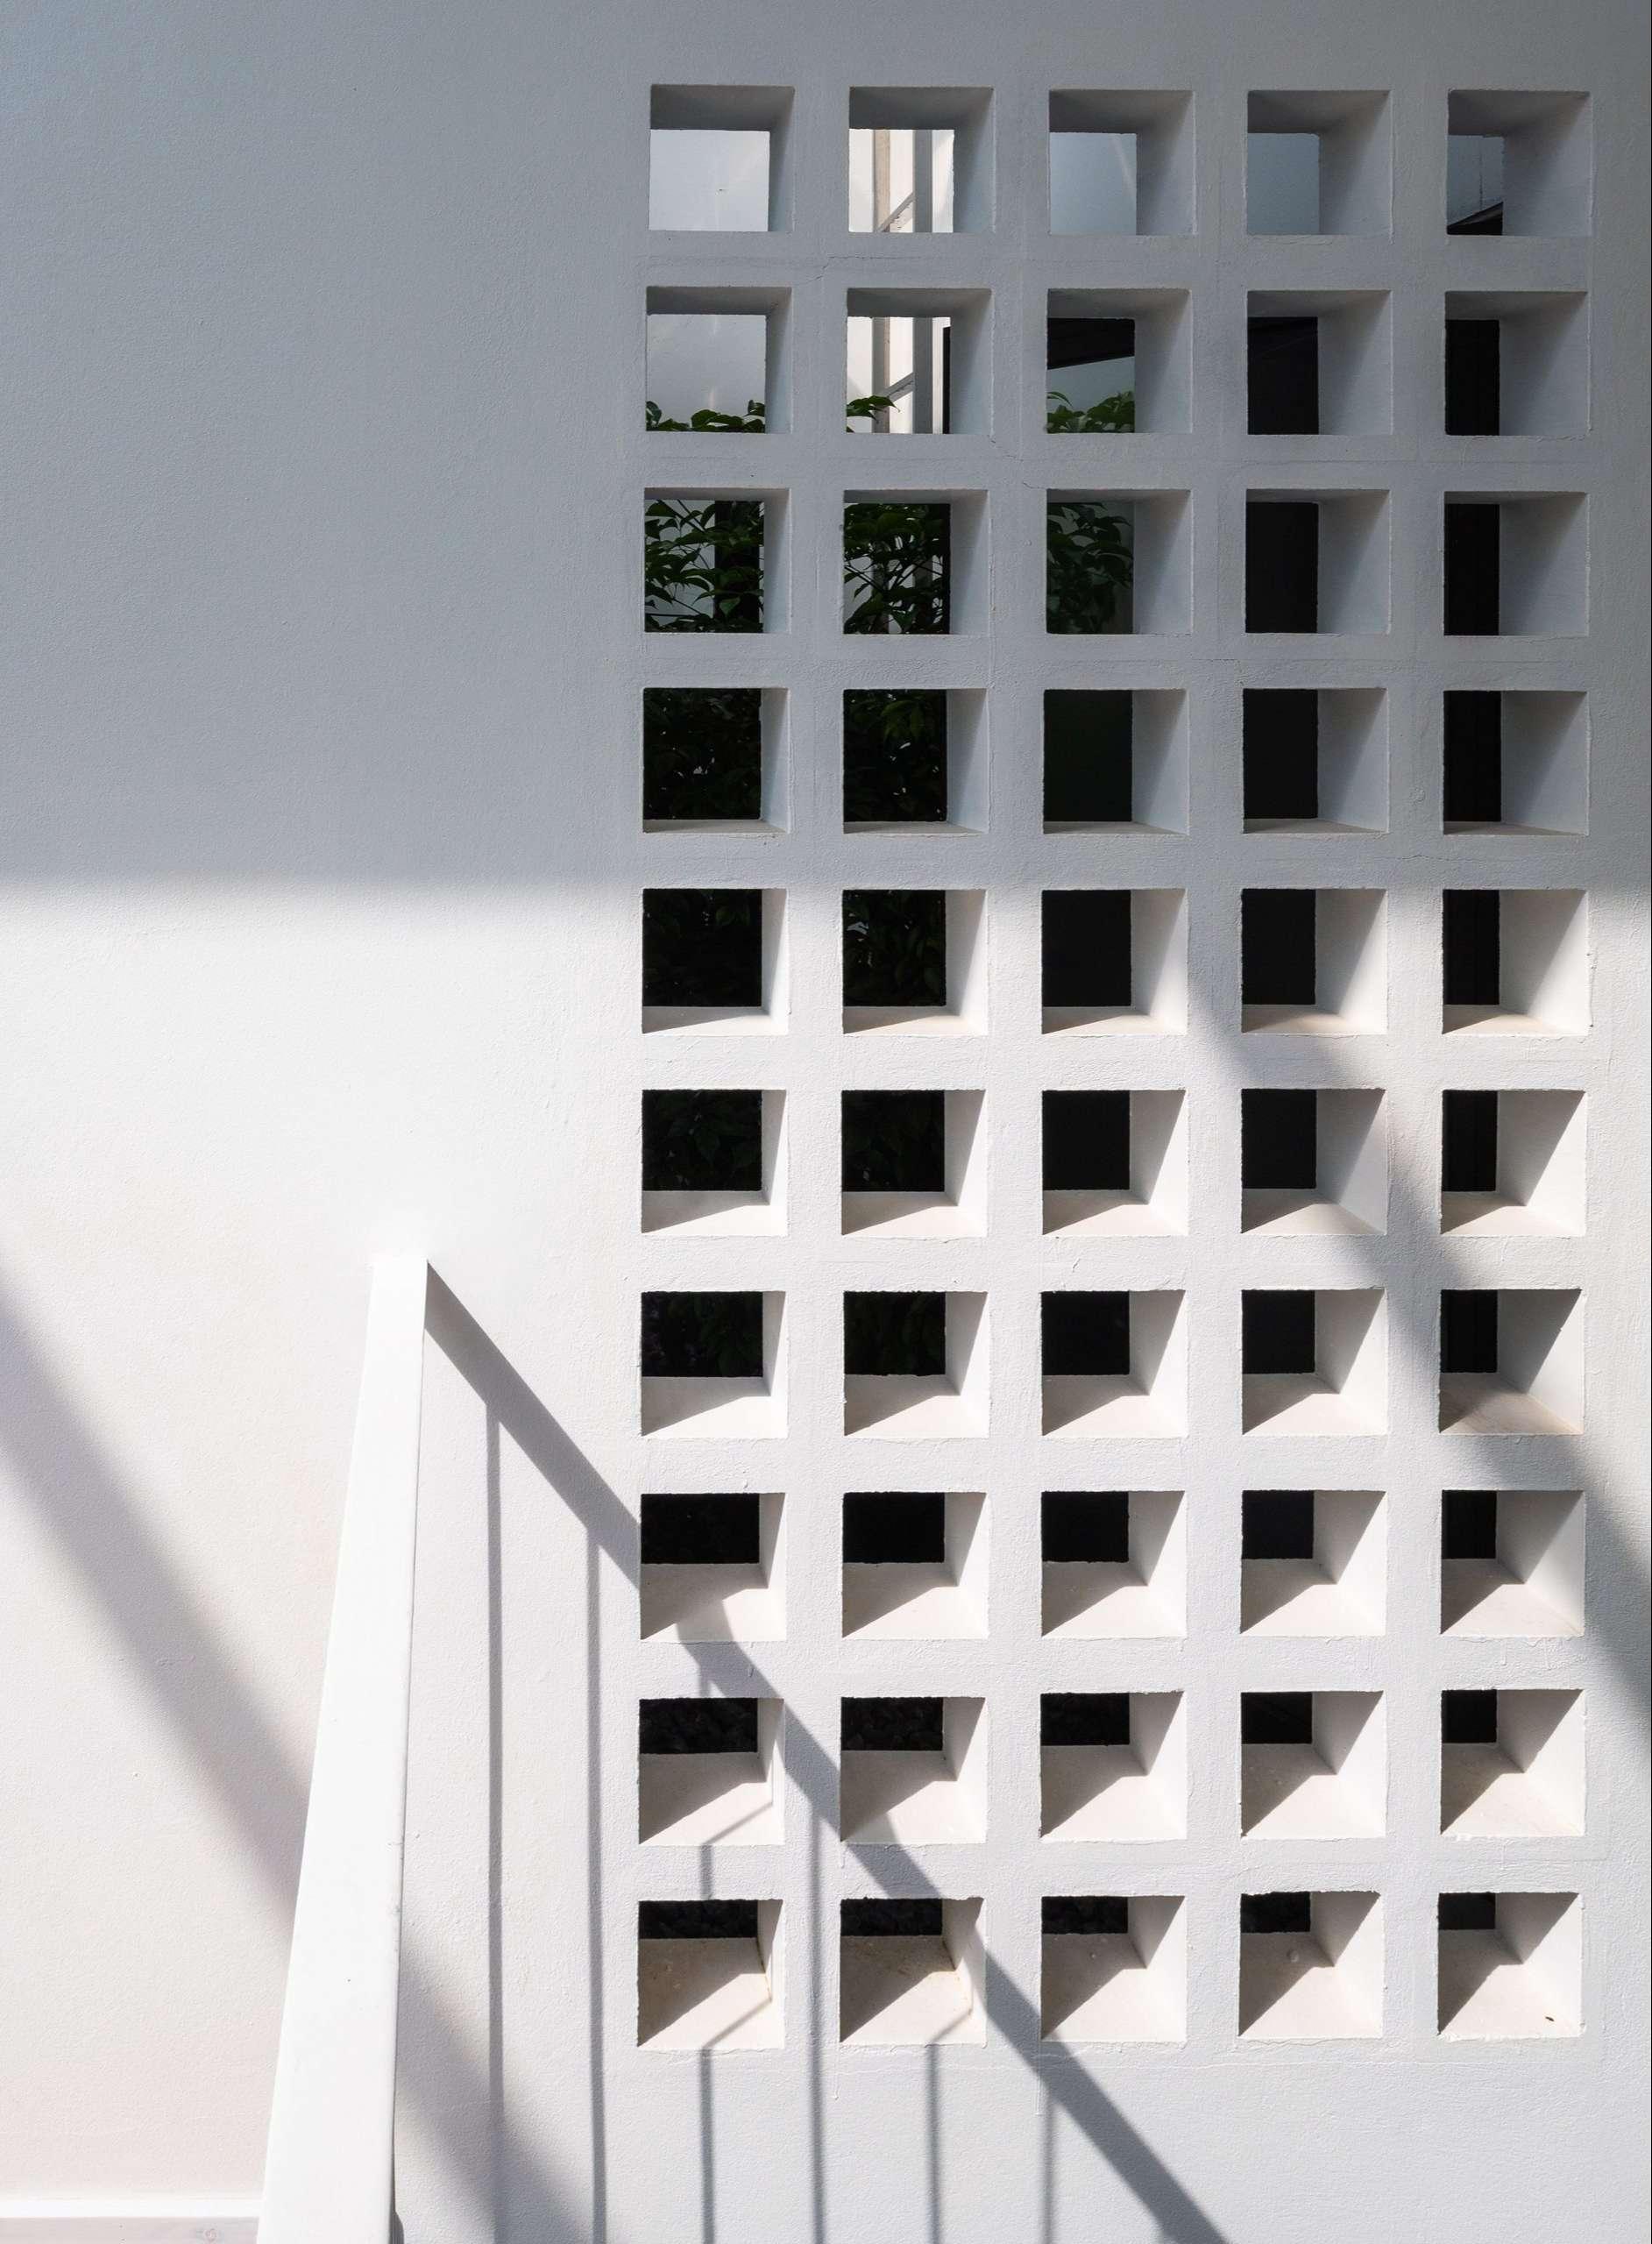 Nhà Hạ Long | Tường được thiết kế lỗ ô vuông thông gió và đón ánh nắng tự nhiên ban ngày - 1